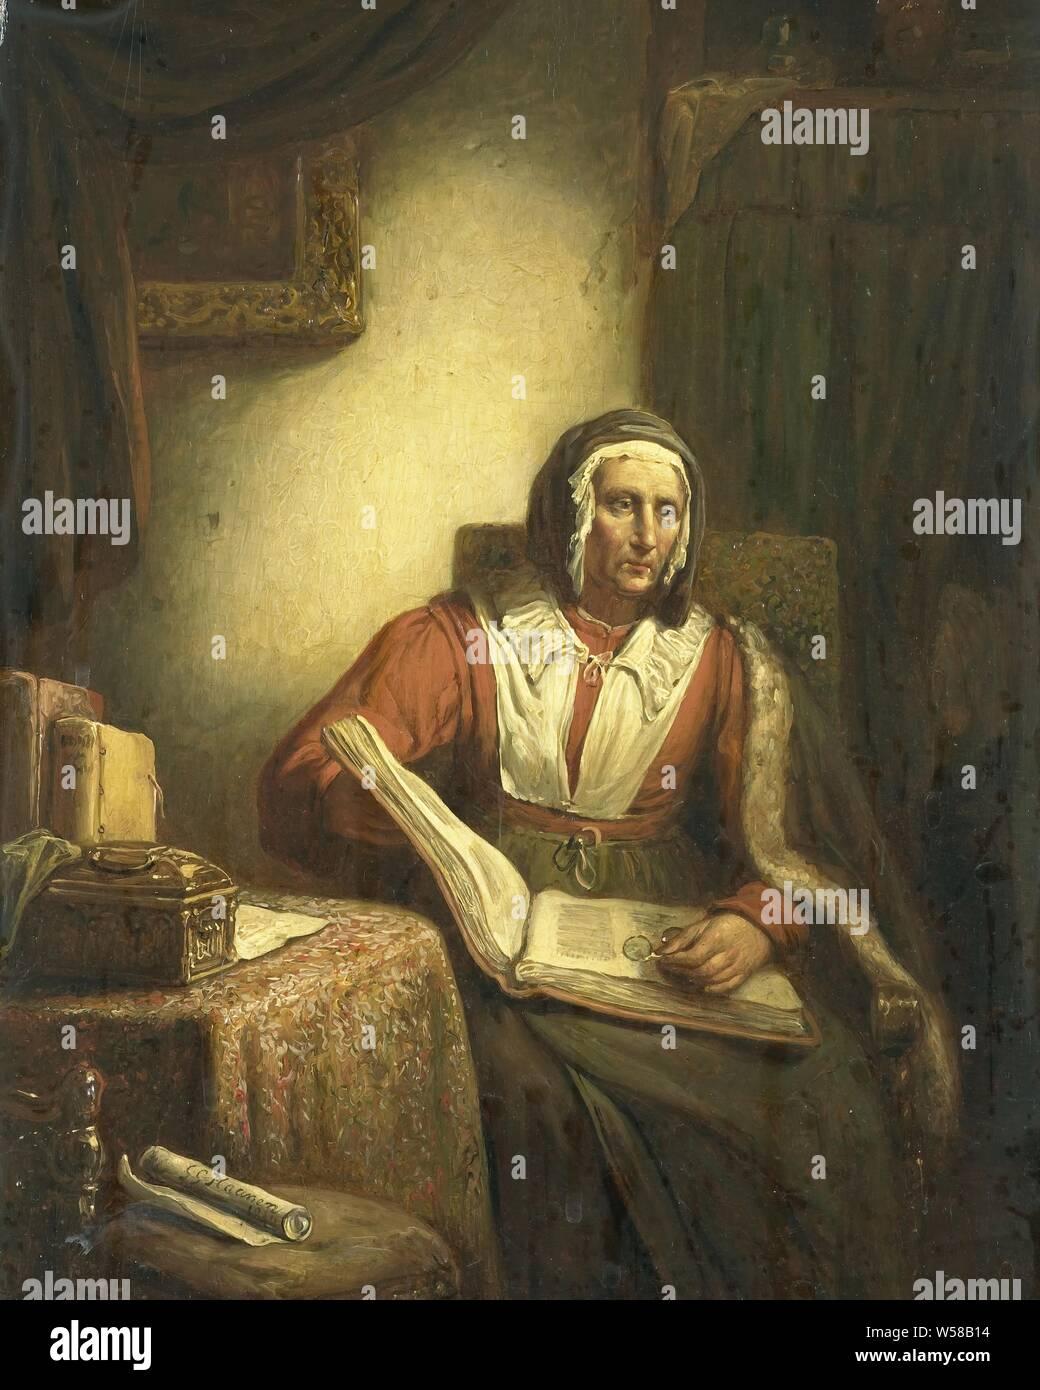 https www alamyimages fr vieille femme a la lecture une vieille femme assise sur une chaise avec un livre ouvert sur ses genoux elle vient juste d arreter la lecture et de l est regarde droit devant lui avec ses lunettes dans sa main gauche sur la gauche une table avec une poitrine et des livres un tableau est suspendu sur le mur derriere un rideau george gillis haanen 1834 panneau de la peinture a l huile peinture h 31 5 cm w 25 cm d 9 5 cm image261413072 html